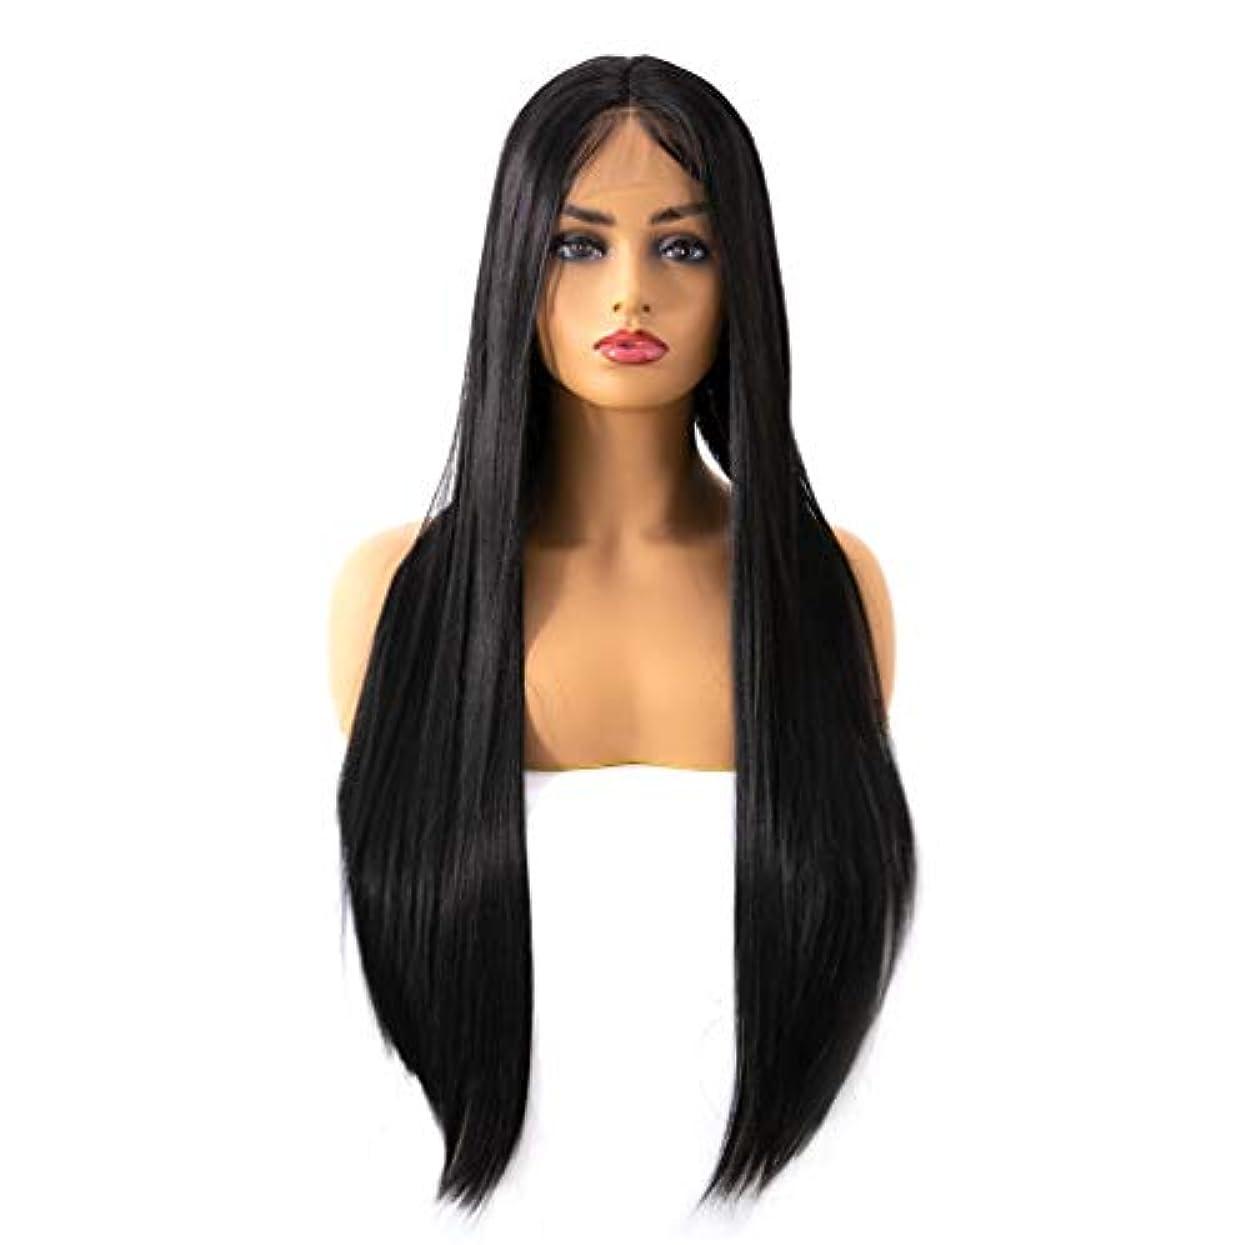 形状内部綺麗な女性のレースフロントの人間の毛髪のかつら150%密度合成ロングストレート耐熱かつら